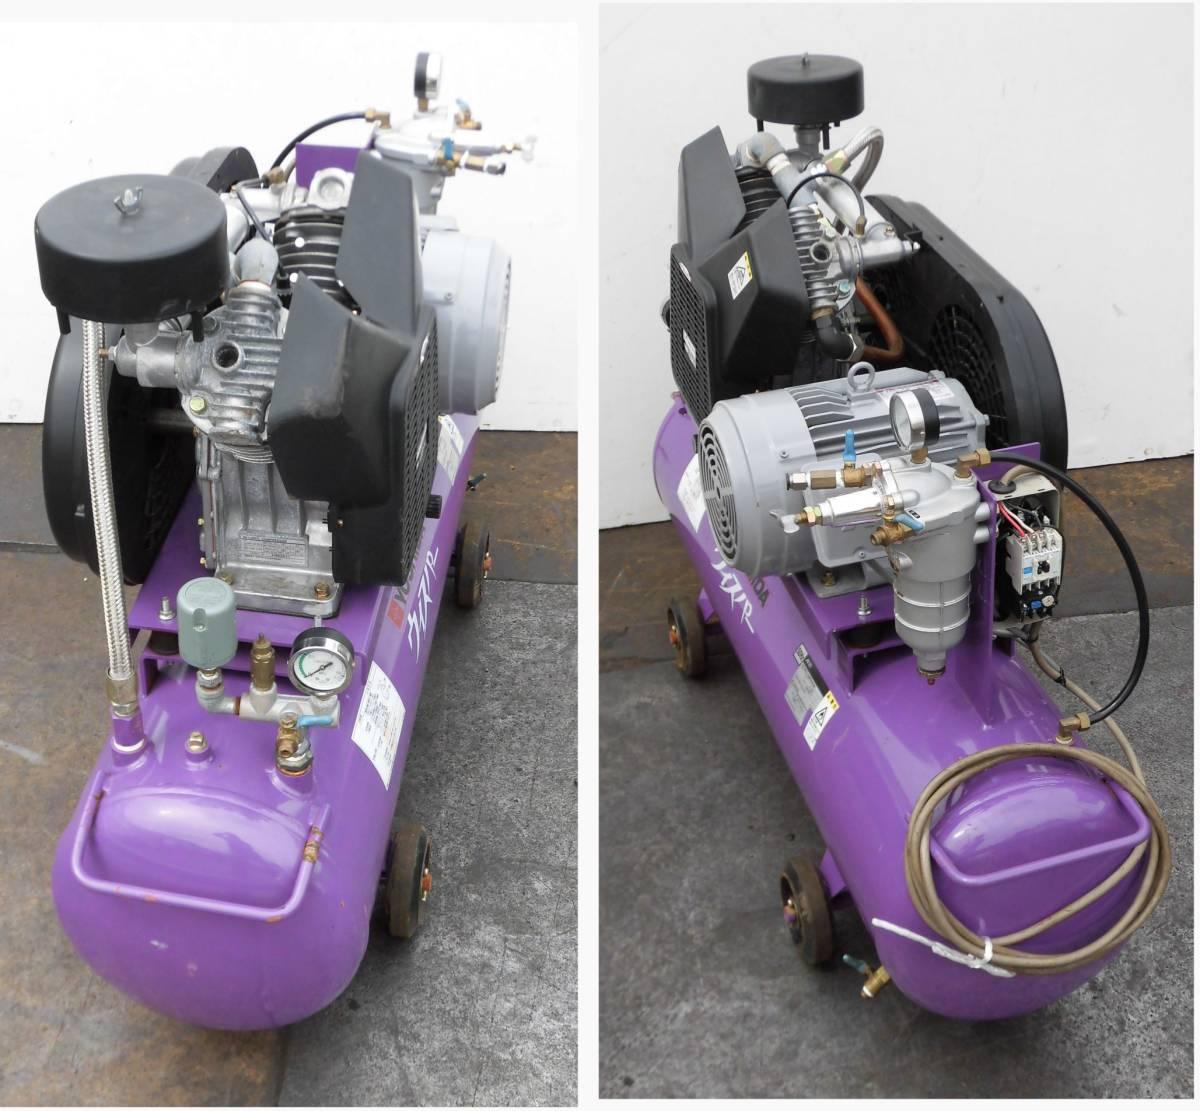 ほ レシプロコンプレッサー 吉田/アネスト岩田 ウィスパー Y32 L22P-10 50Hz 2.2KW 静音型 圧力調整器付 空気圧縮機 3馬力_画像5